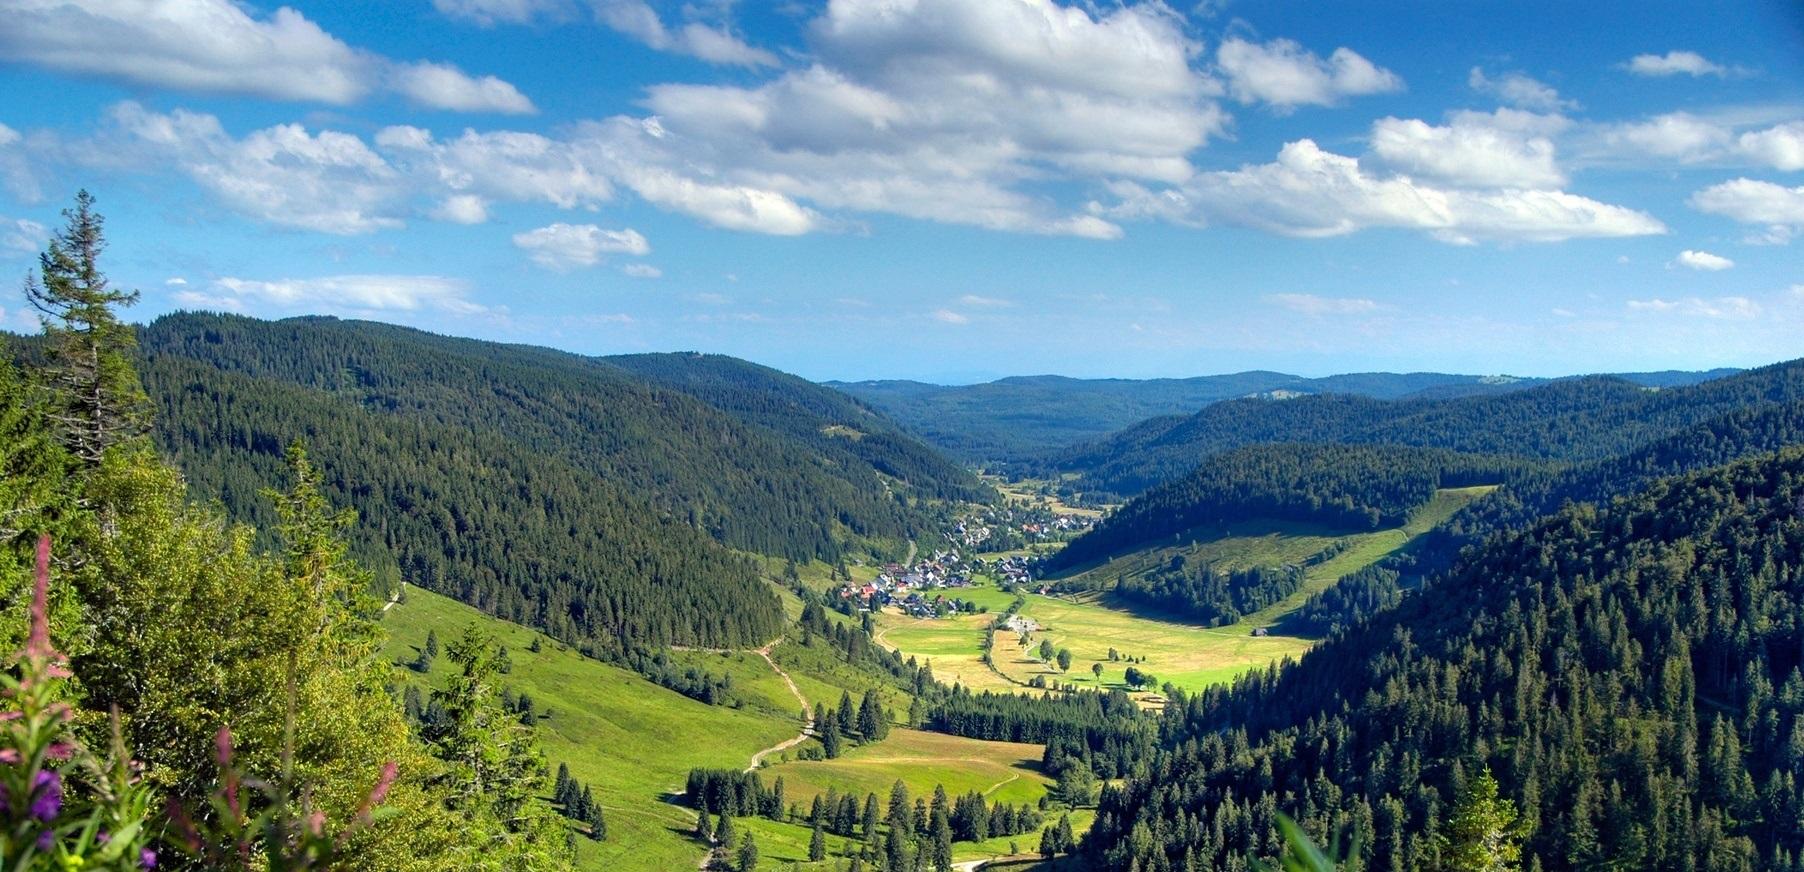 Personalvermittlung-Schwarzwald.jpg